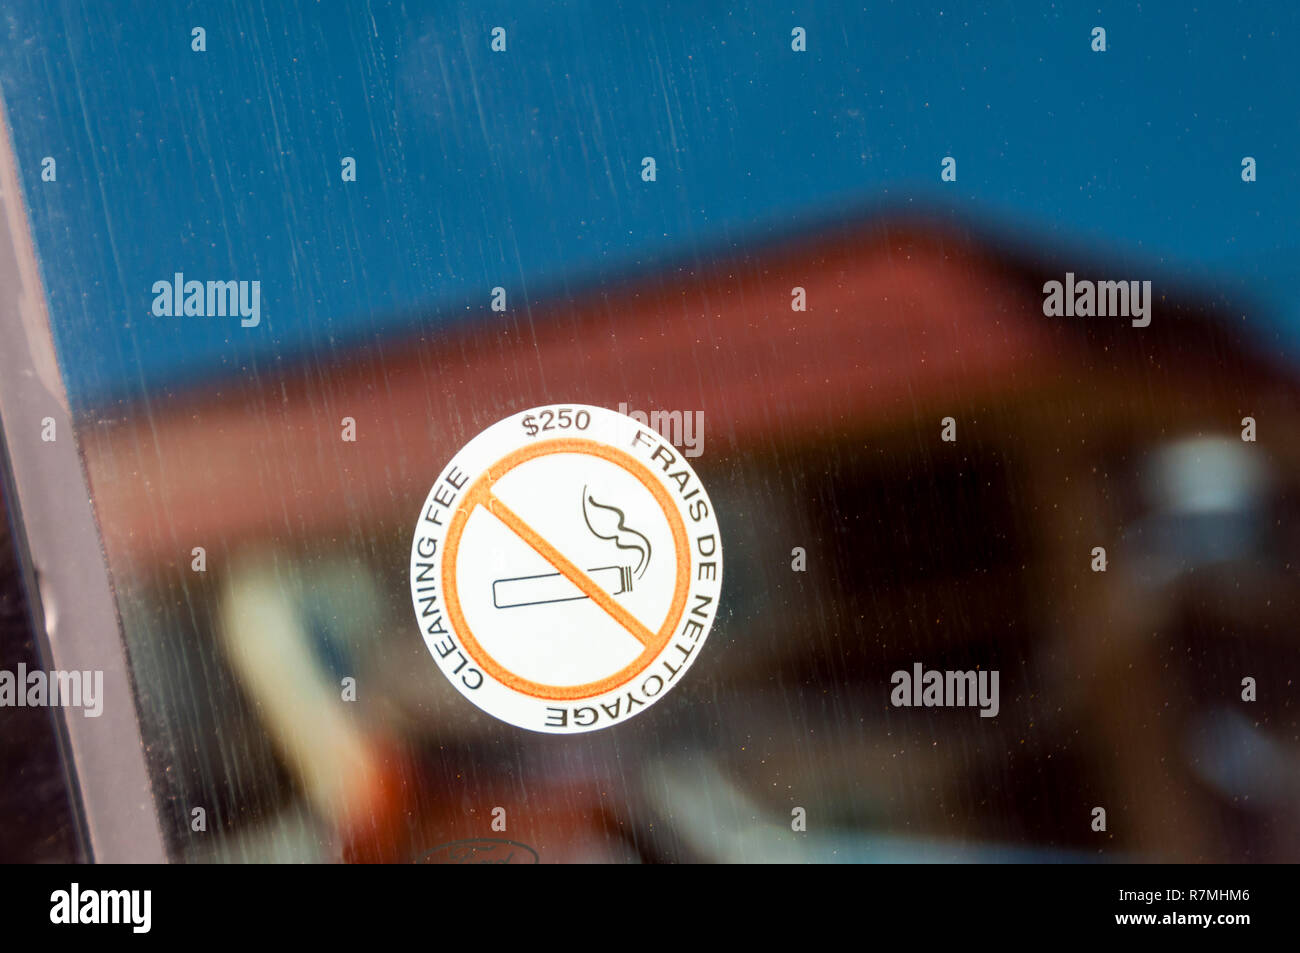 Una pegatina de No Fumar en un coche de alquiler ventana advierte de una tarifa de $250 en concepto de limpieza. Imagen De Stock